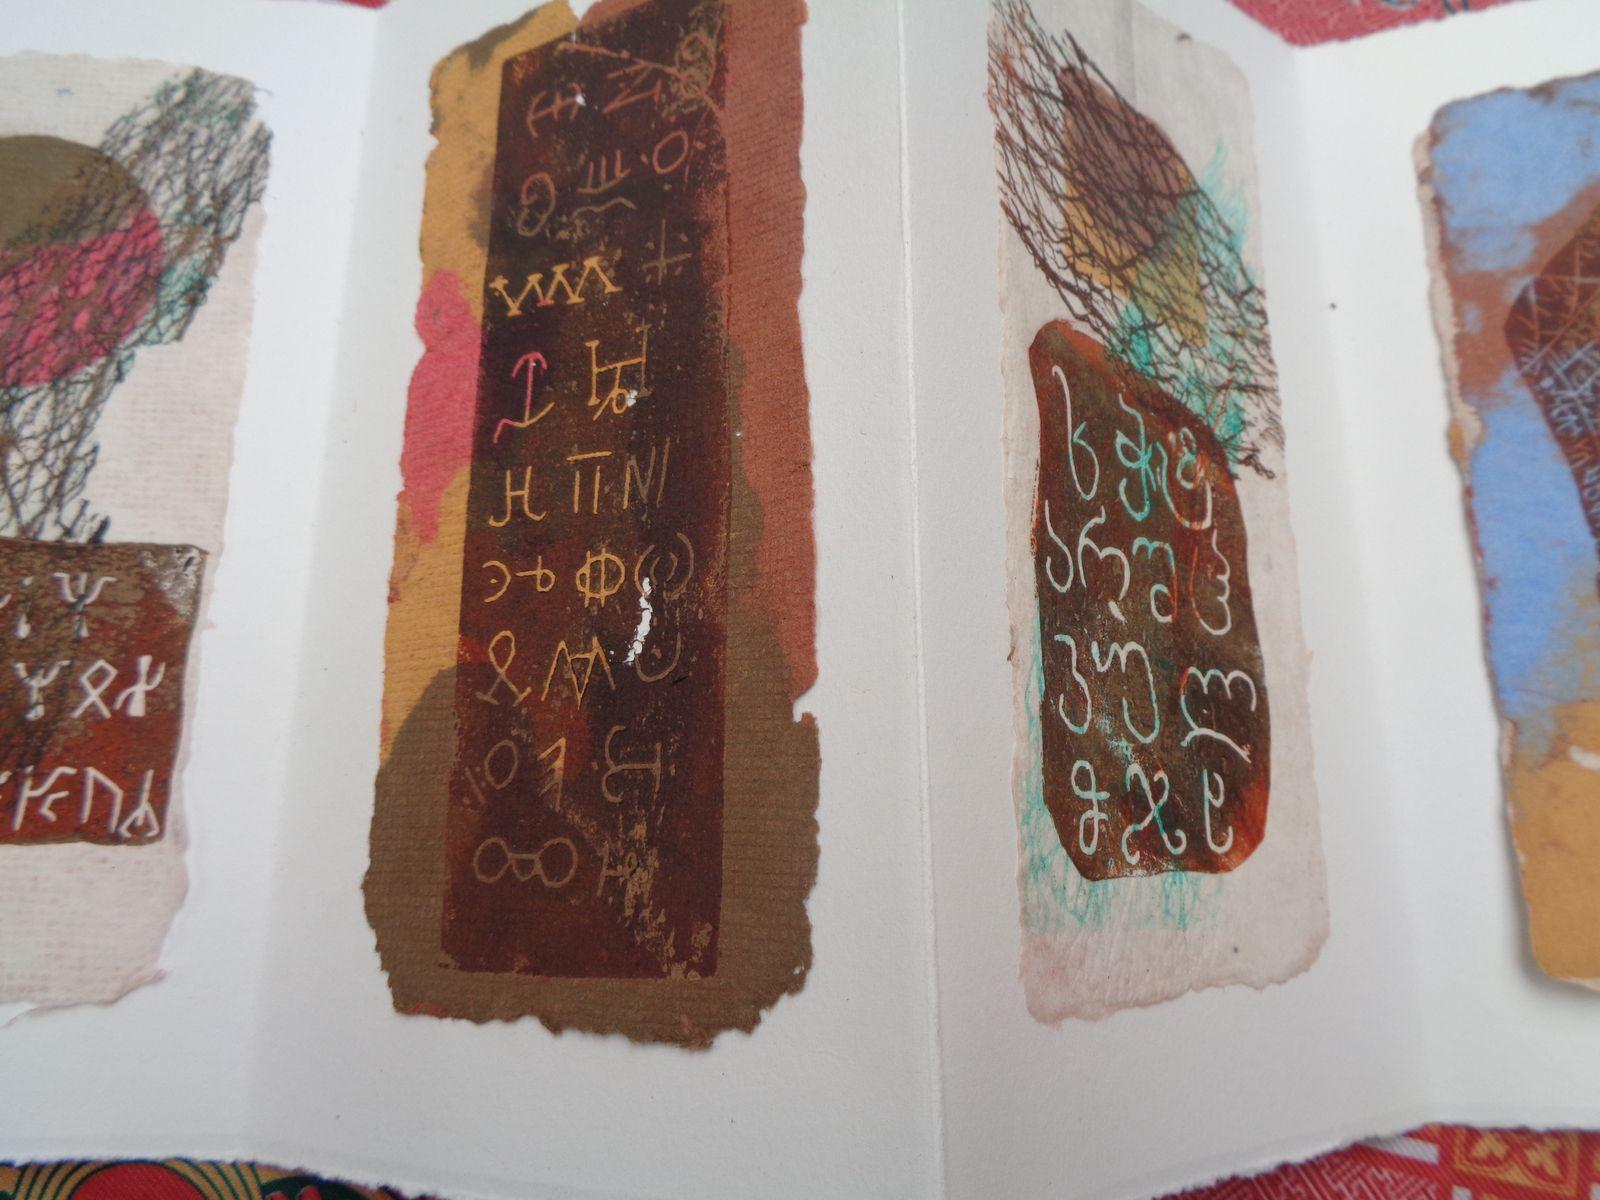 les papiers sont réalisés avec des pâtes teintées aux pigments